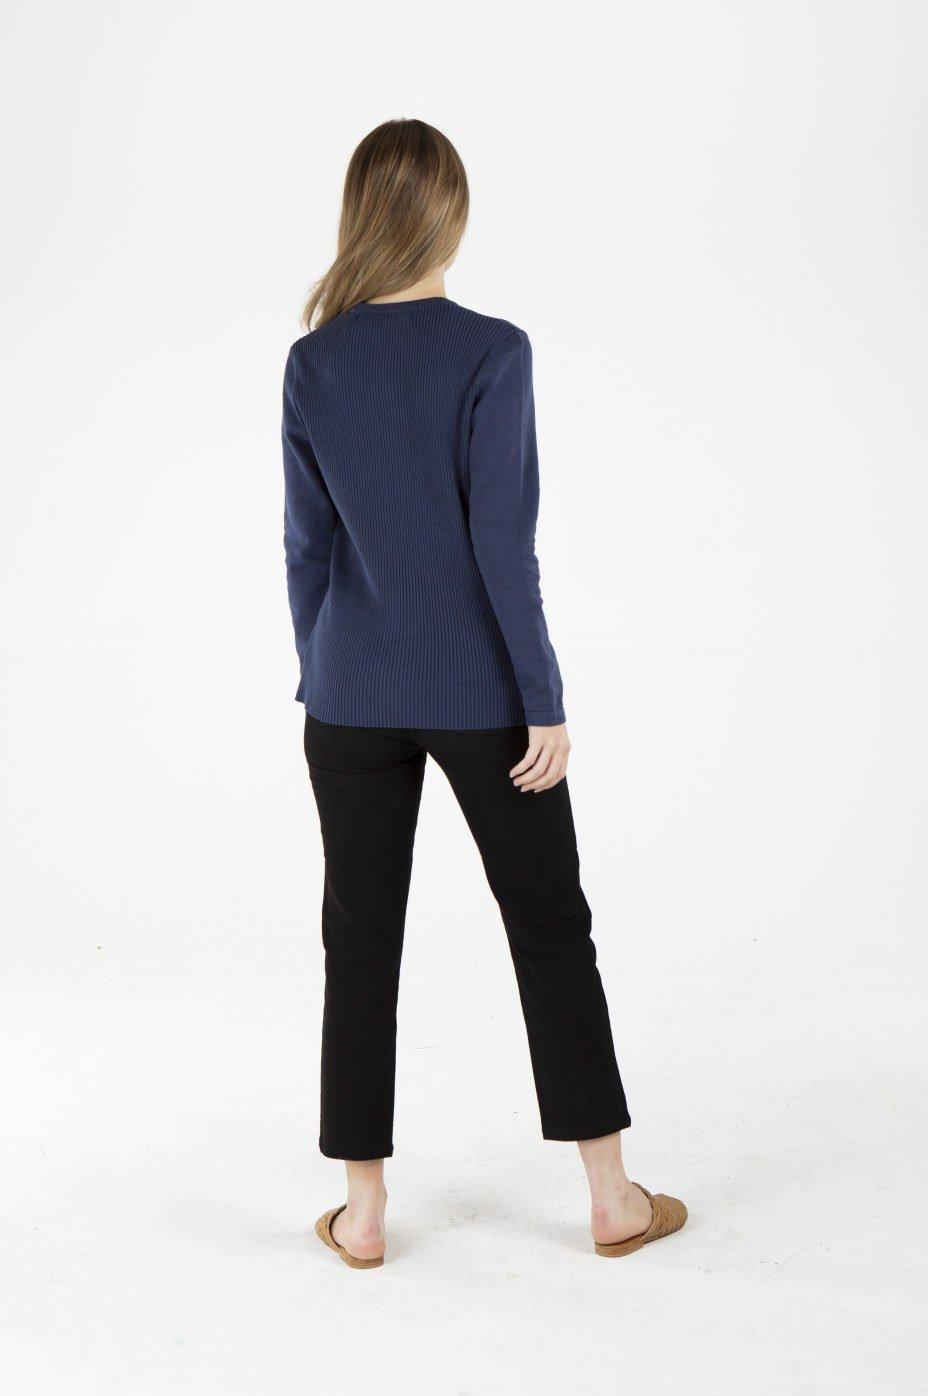 Ladies' Hemp Cotton Knit Jumper-Navy